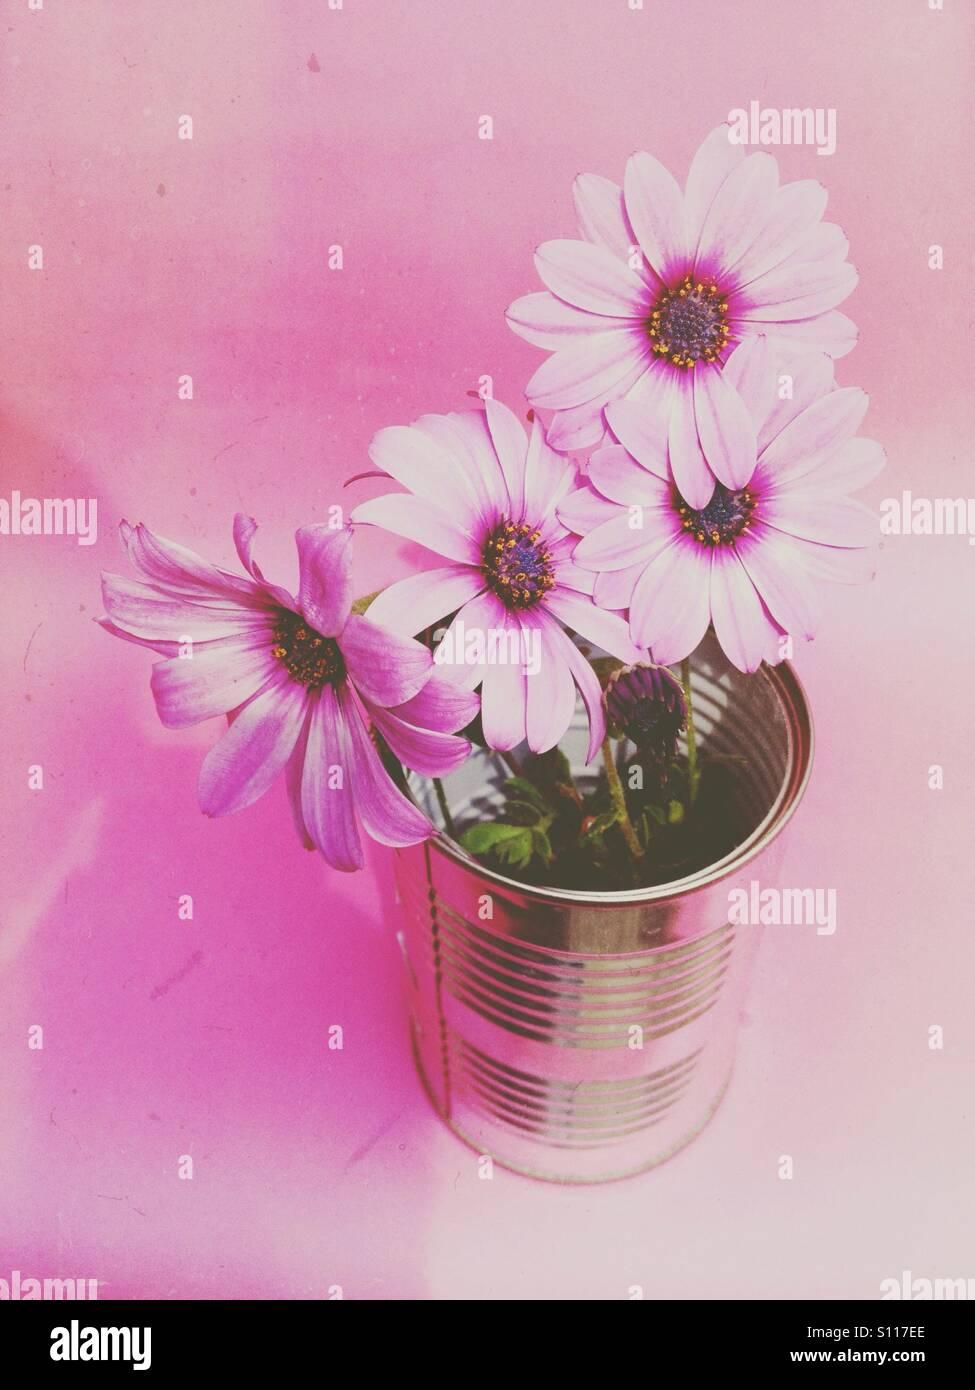 Fleurs Daisy avec un filtre appliqué Banque D'Images